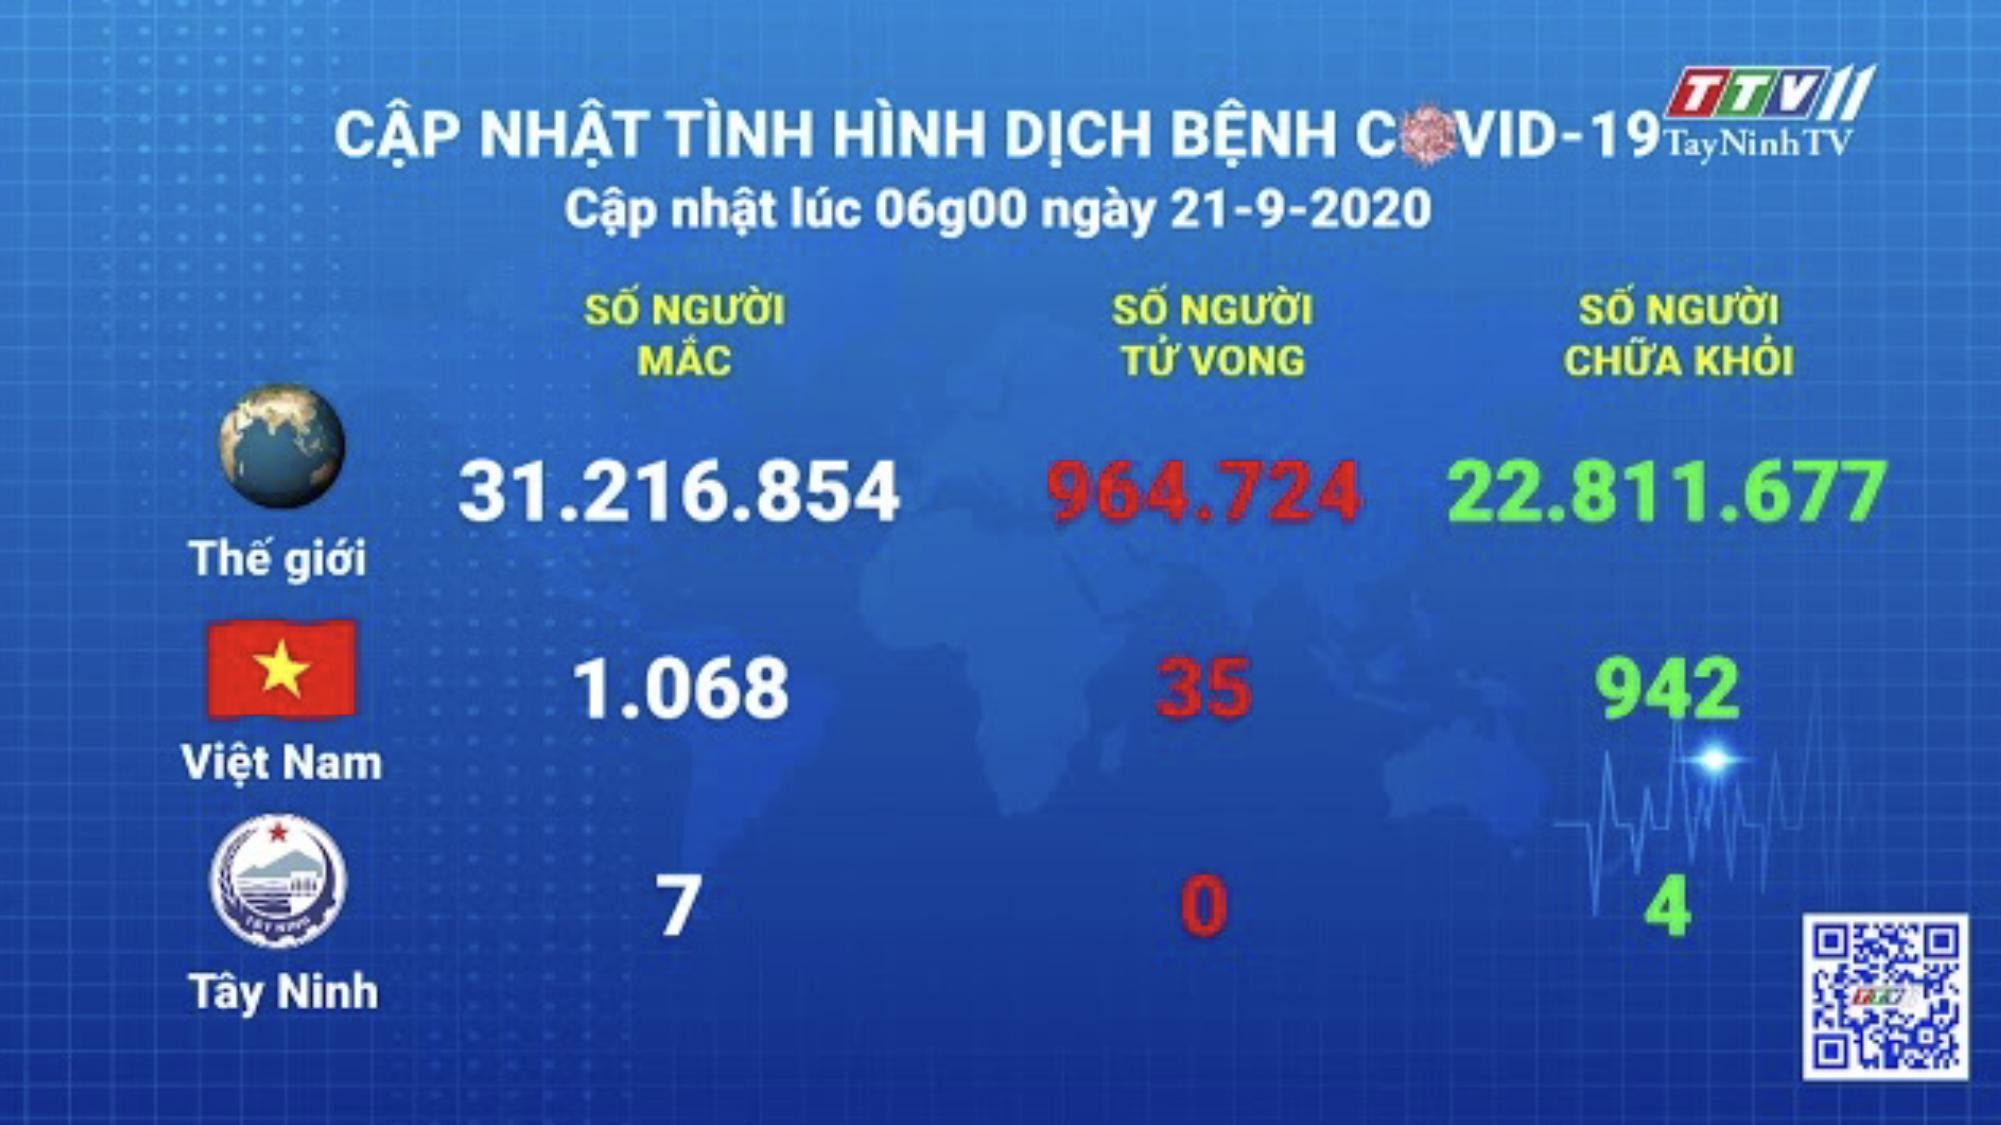 Cập nhật tình hình Covid-19 vào lúc 06 giờ 21-9-2020 | Thông tin dịch Covid-19 | TayNinhTV